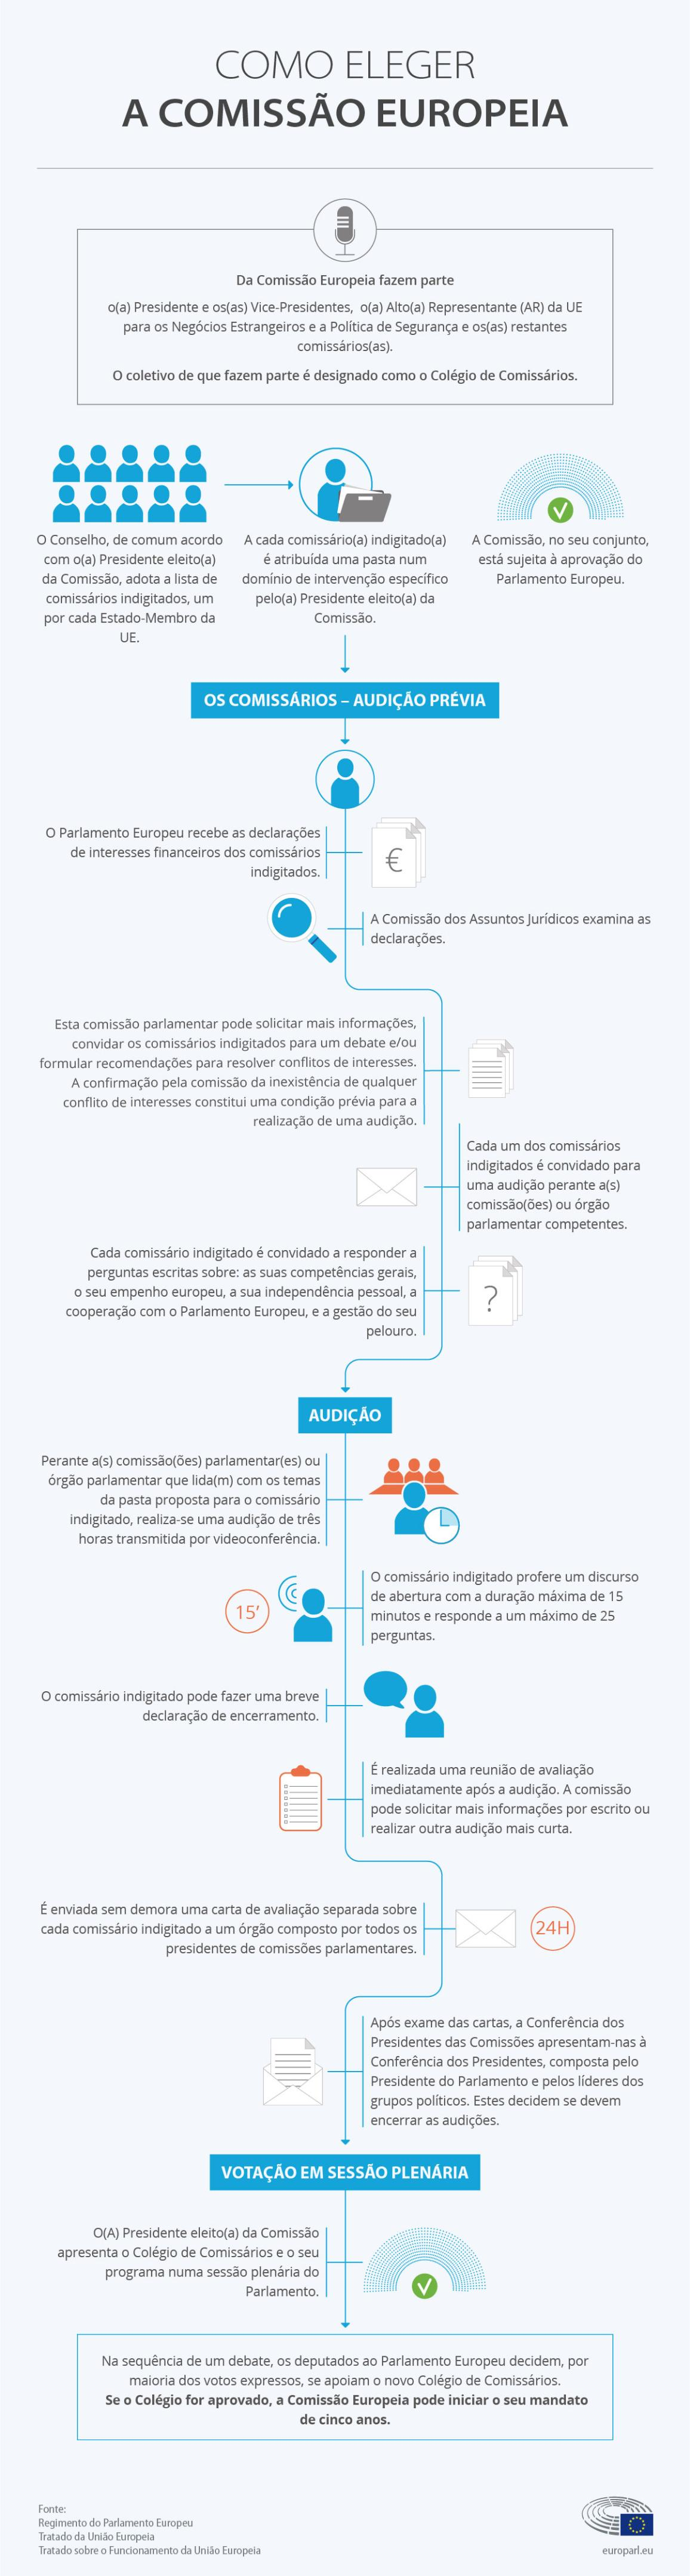 Infografia explicando as diferentes etapas das audições que conduzem à investidura da nova Comissão © European Union 2019 -EP